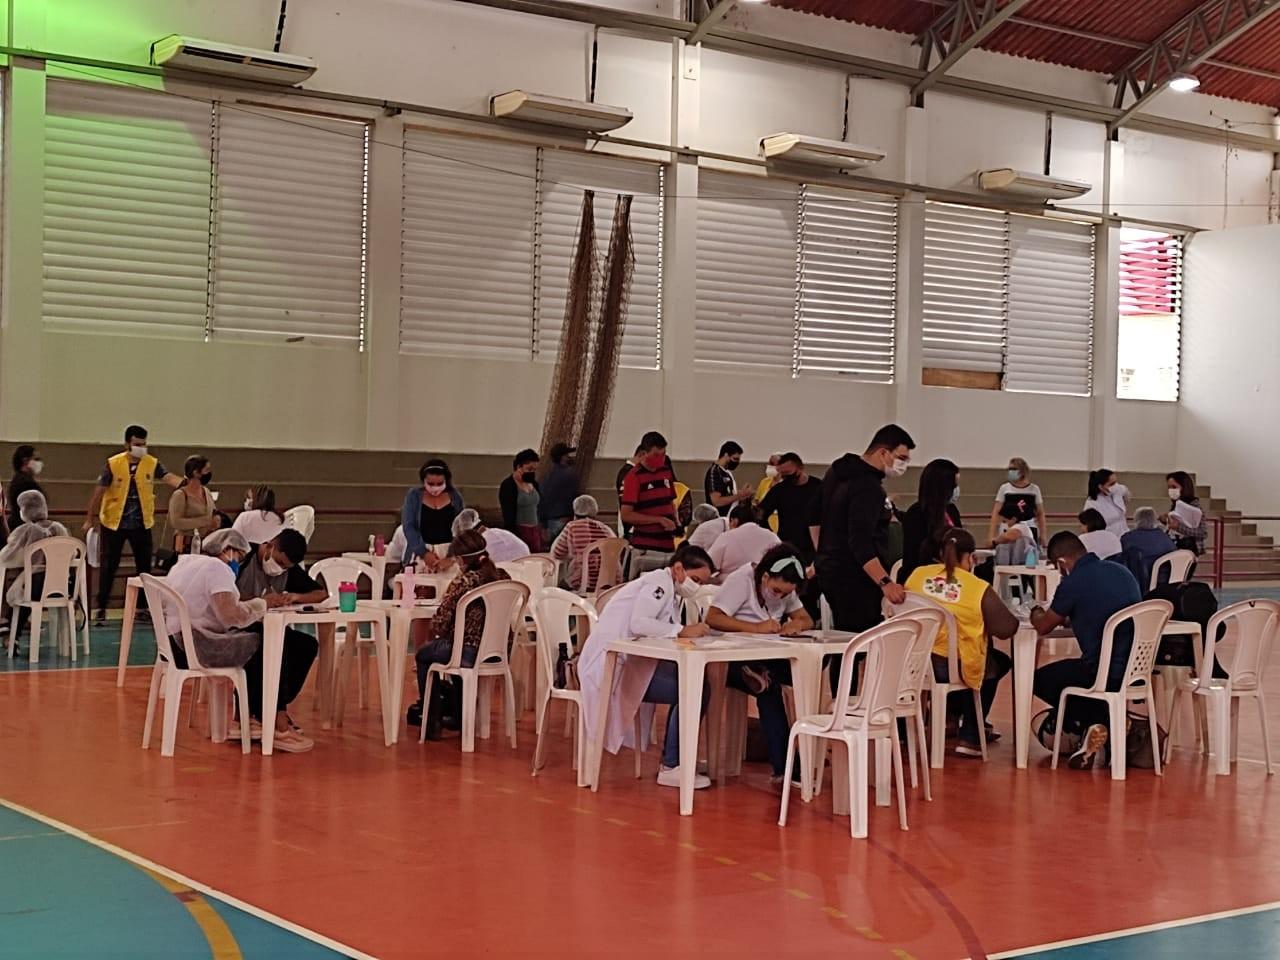 Segundo dia de mutirão de vacinação contra Covid no ginásio do Sesi em Rio Branco é movimentado